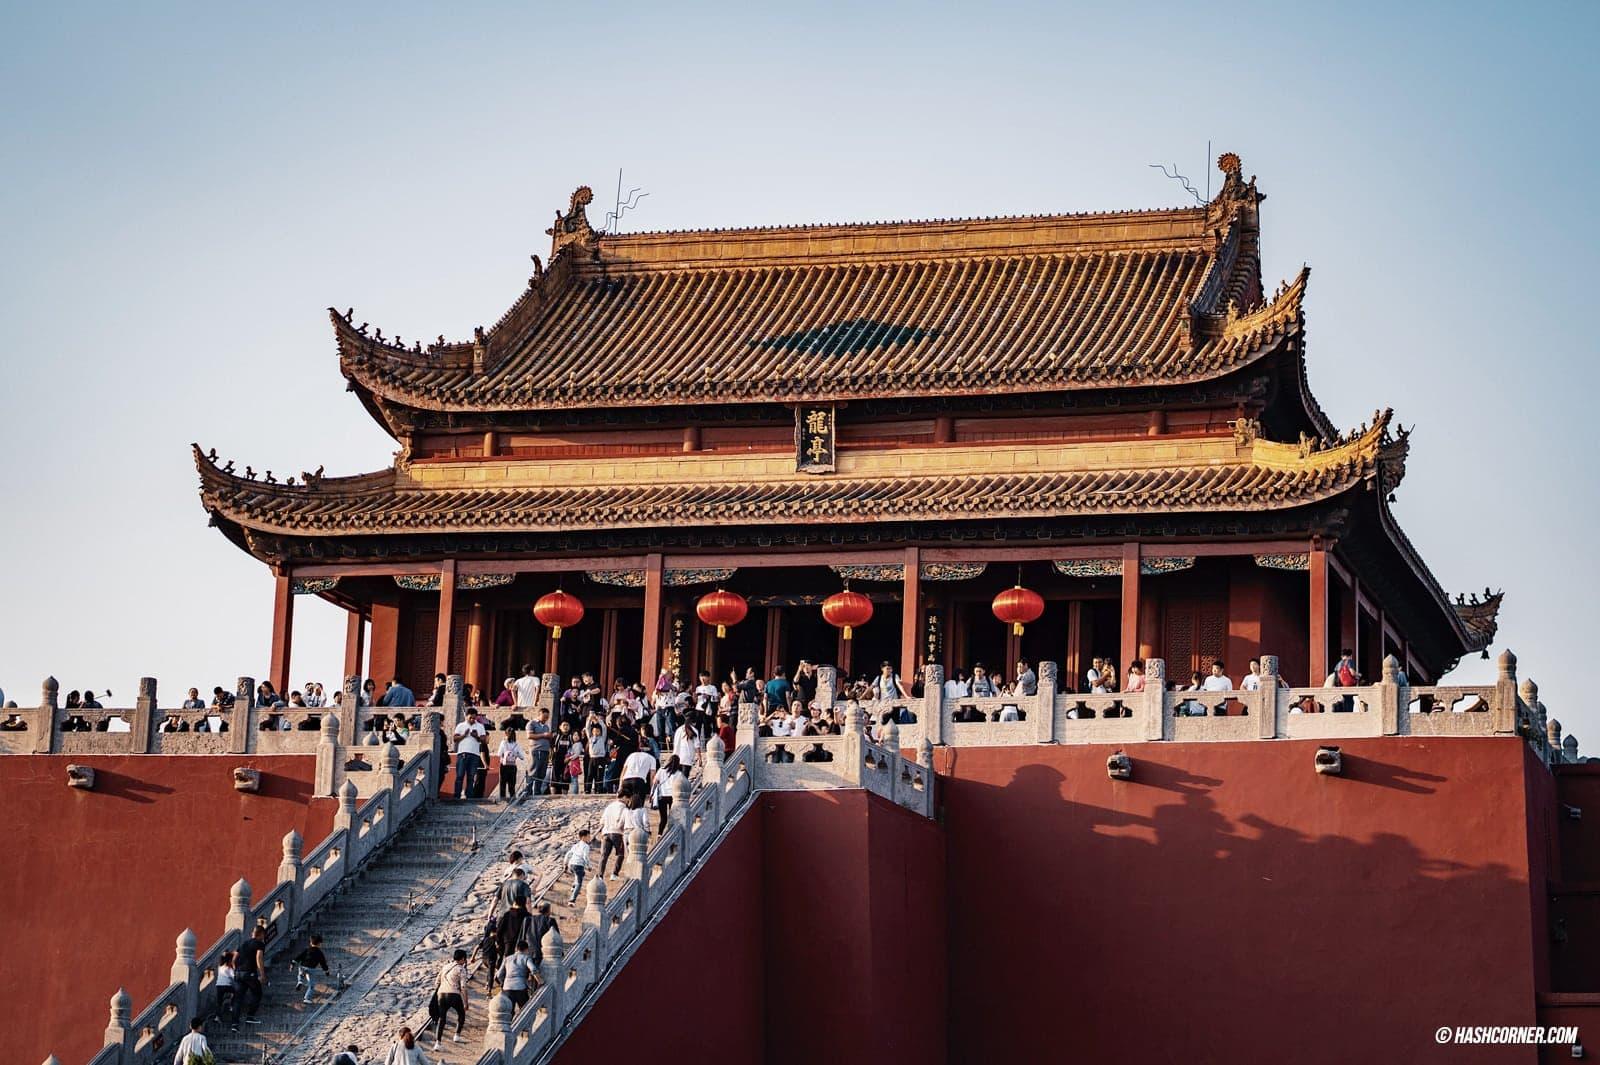 รีวิว ไคเฟิง (Kaifeng) x จีน เที่ยวเมืองเปาบุ้นจิ้น!